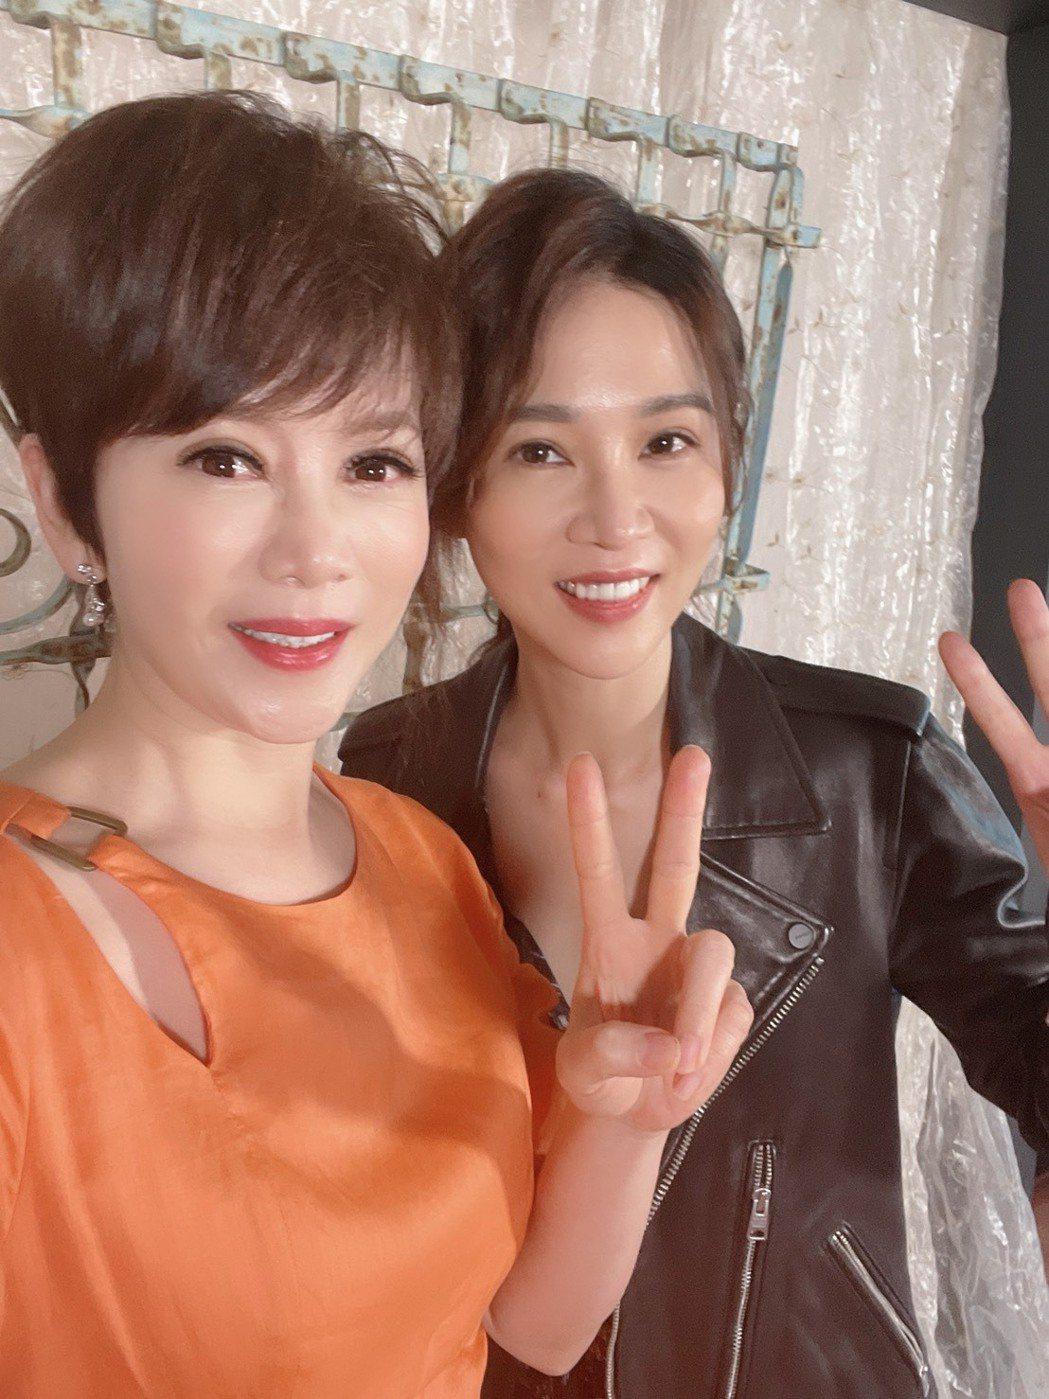 謝盈萱(左)為主演的新戲「俗女2」宣傳,接受陳雅琳專訪。圖/華視提供